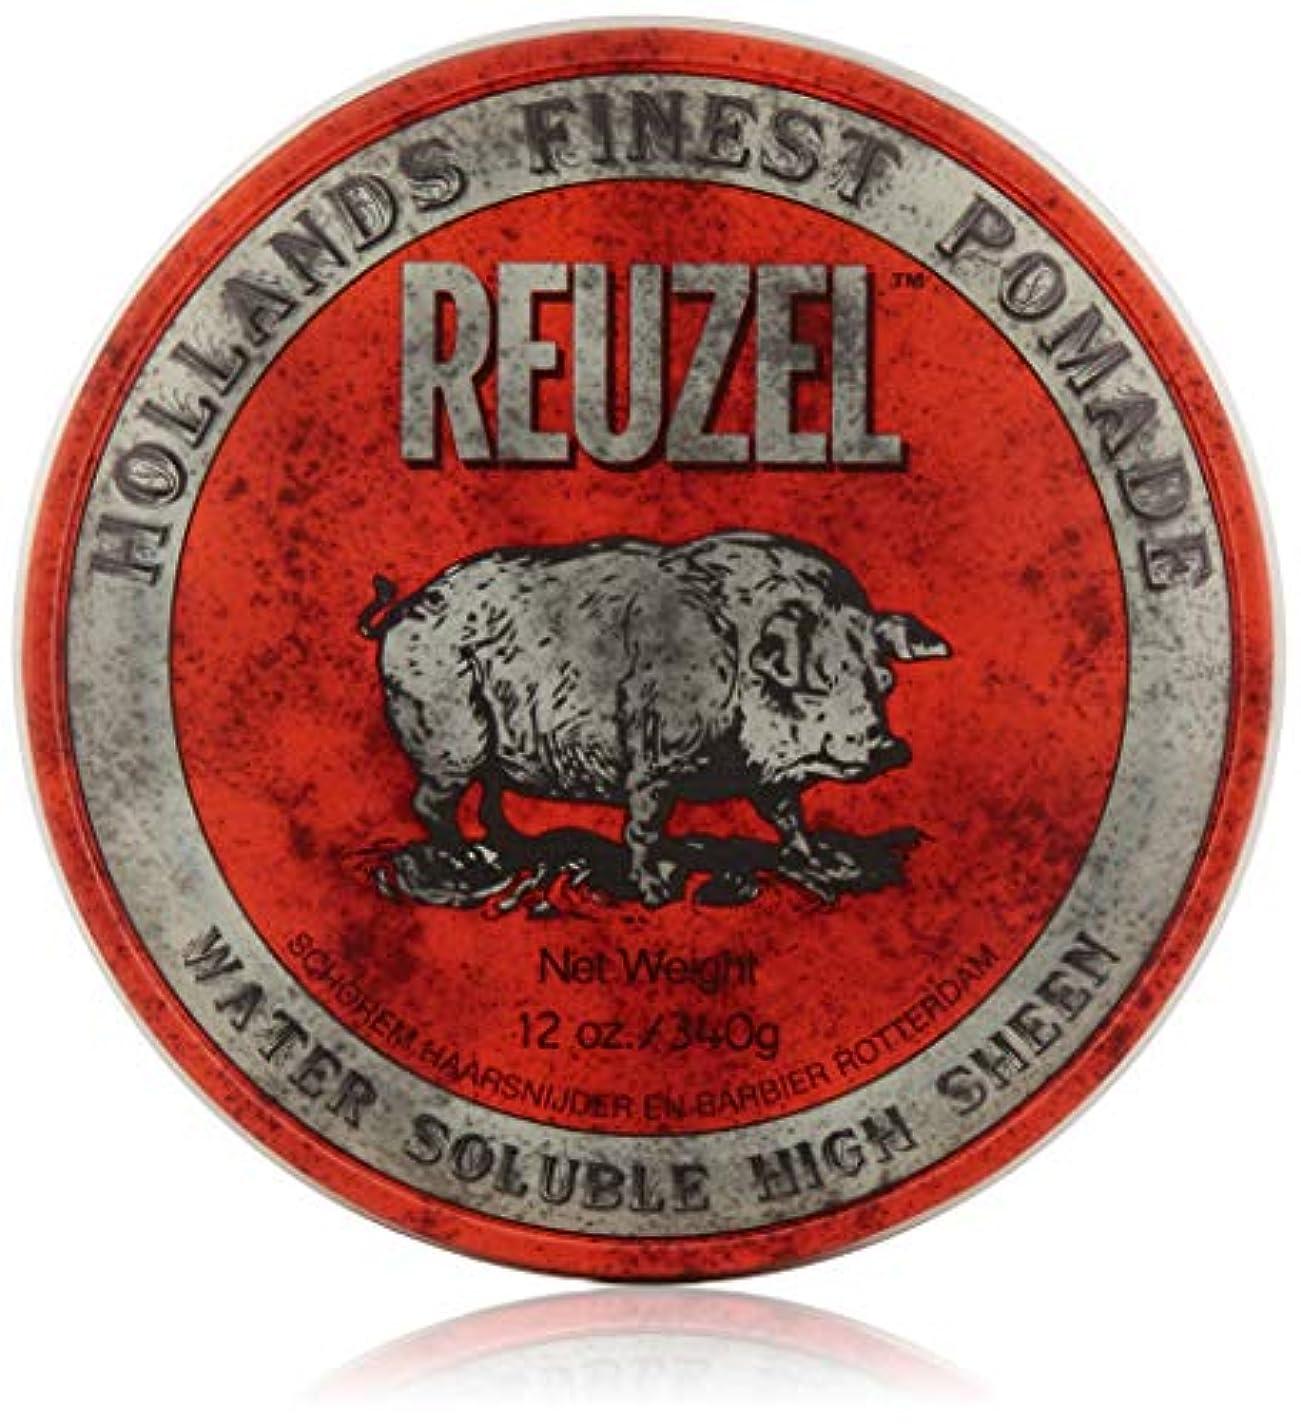 灌漑資格情報と闘うREUZEL Hair Pomade Hog, Red, 12 oz by REUZEL